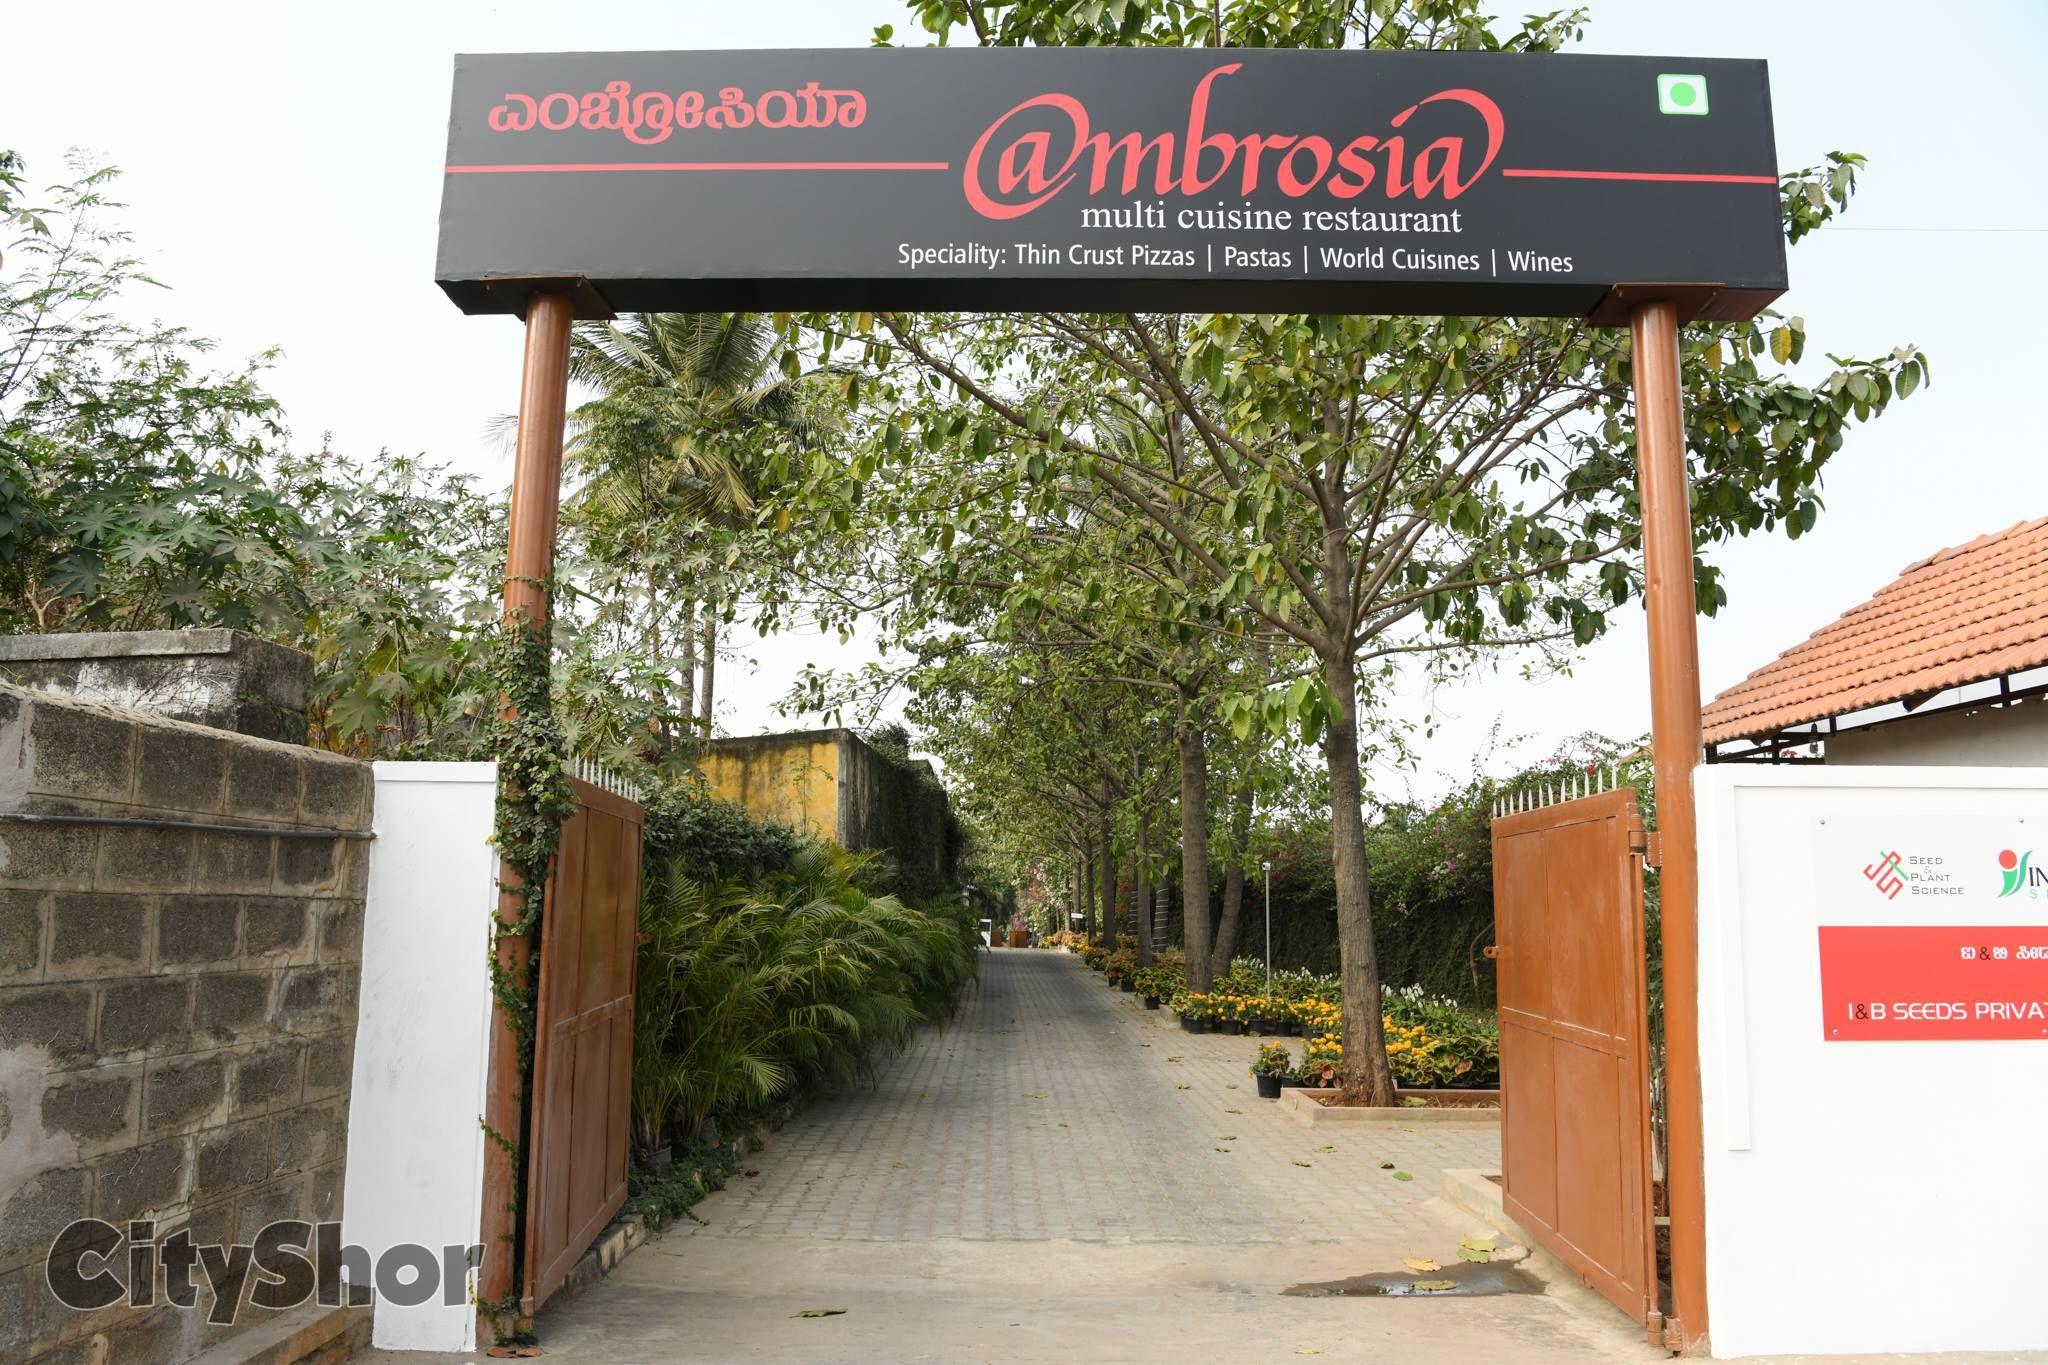 Ambrosia A Fine Dining Pure Vegetarian Restaurant In Rr Nagar Address 15 3a Ganakal Srinivaspura Nooj Vegetarian Restaurant Cafe Restaurant World Cuisine